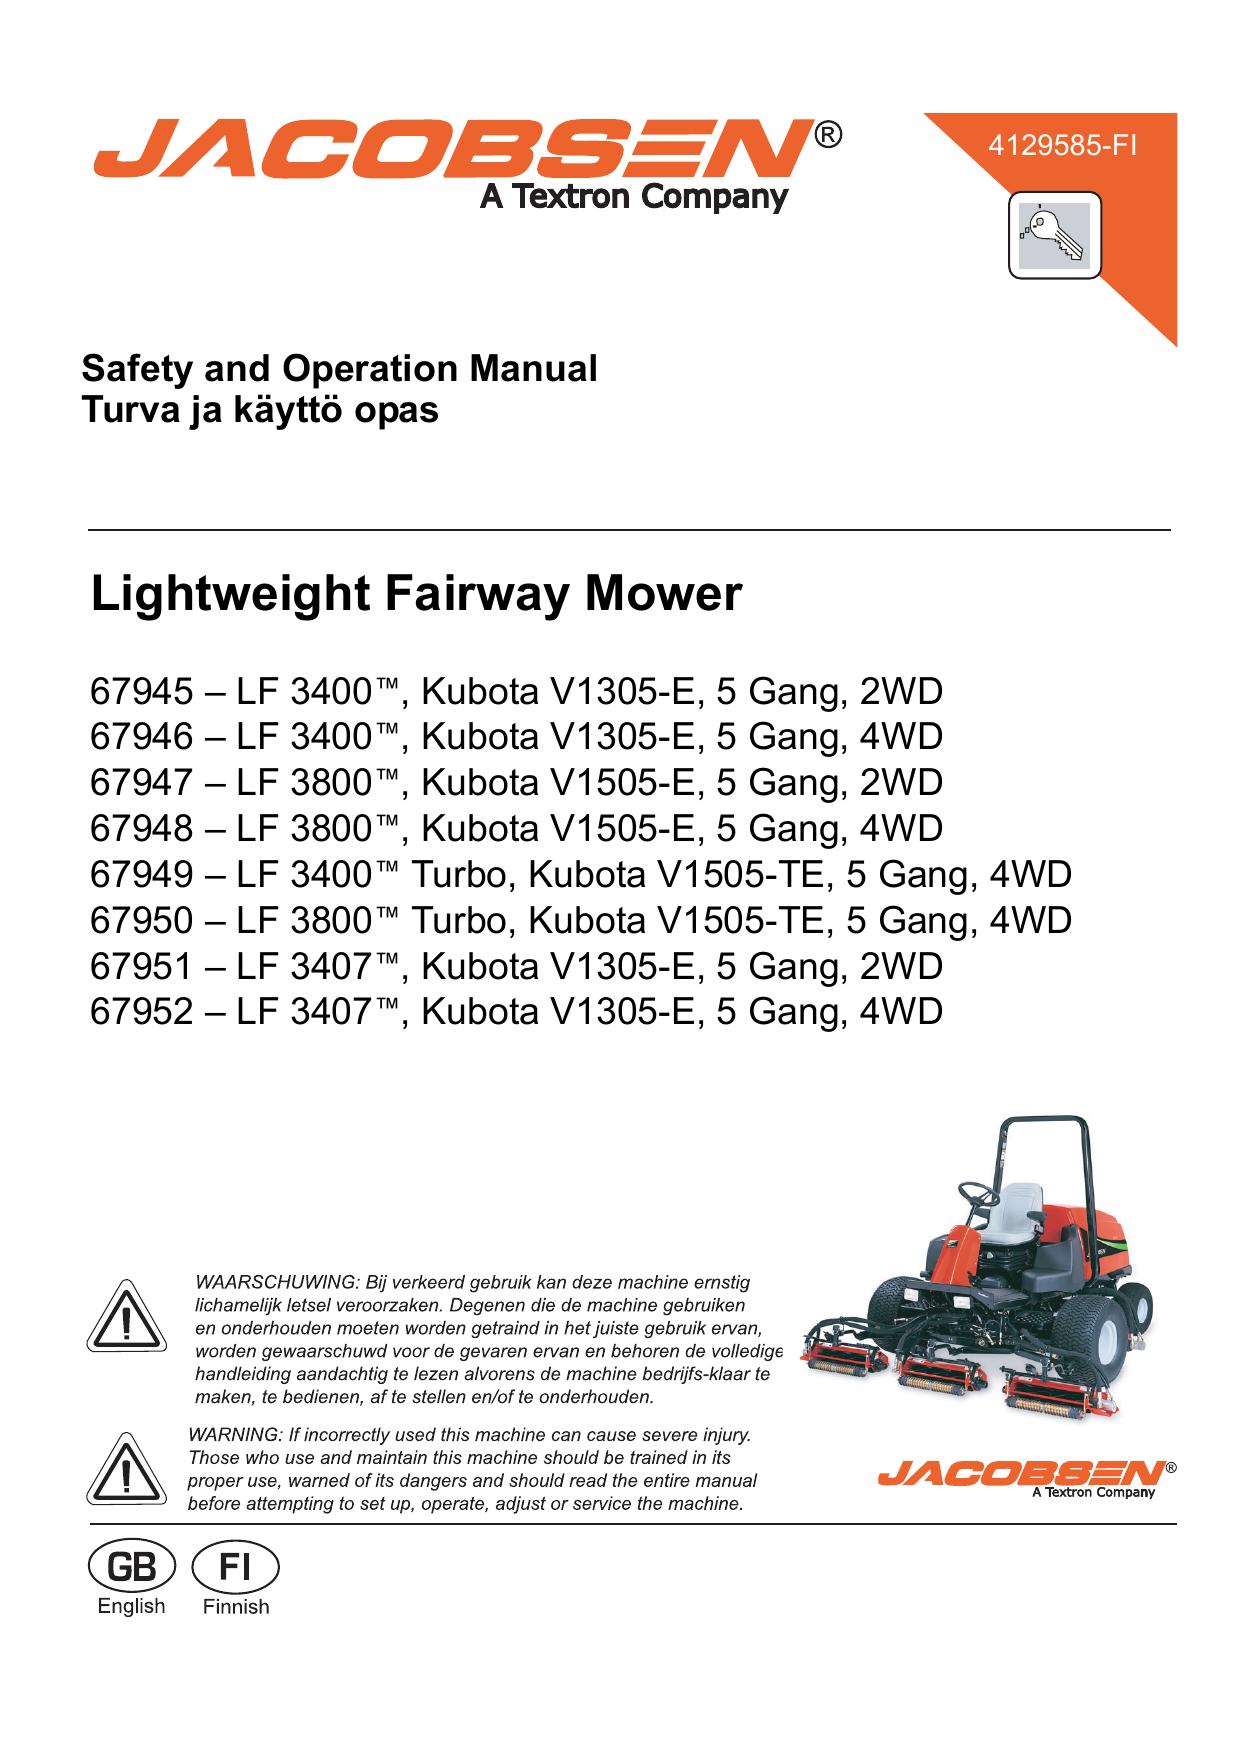 Lightweight Fairway Mower | manualzz.com on